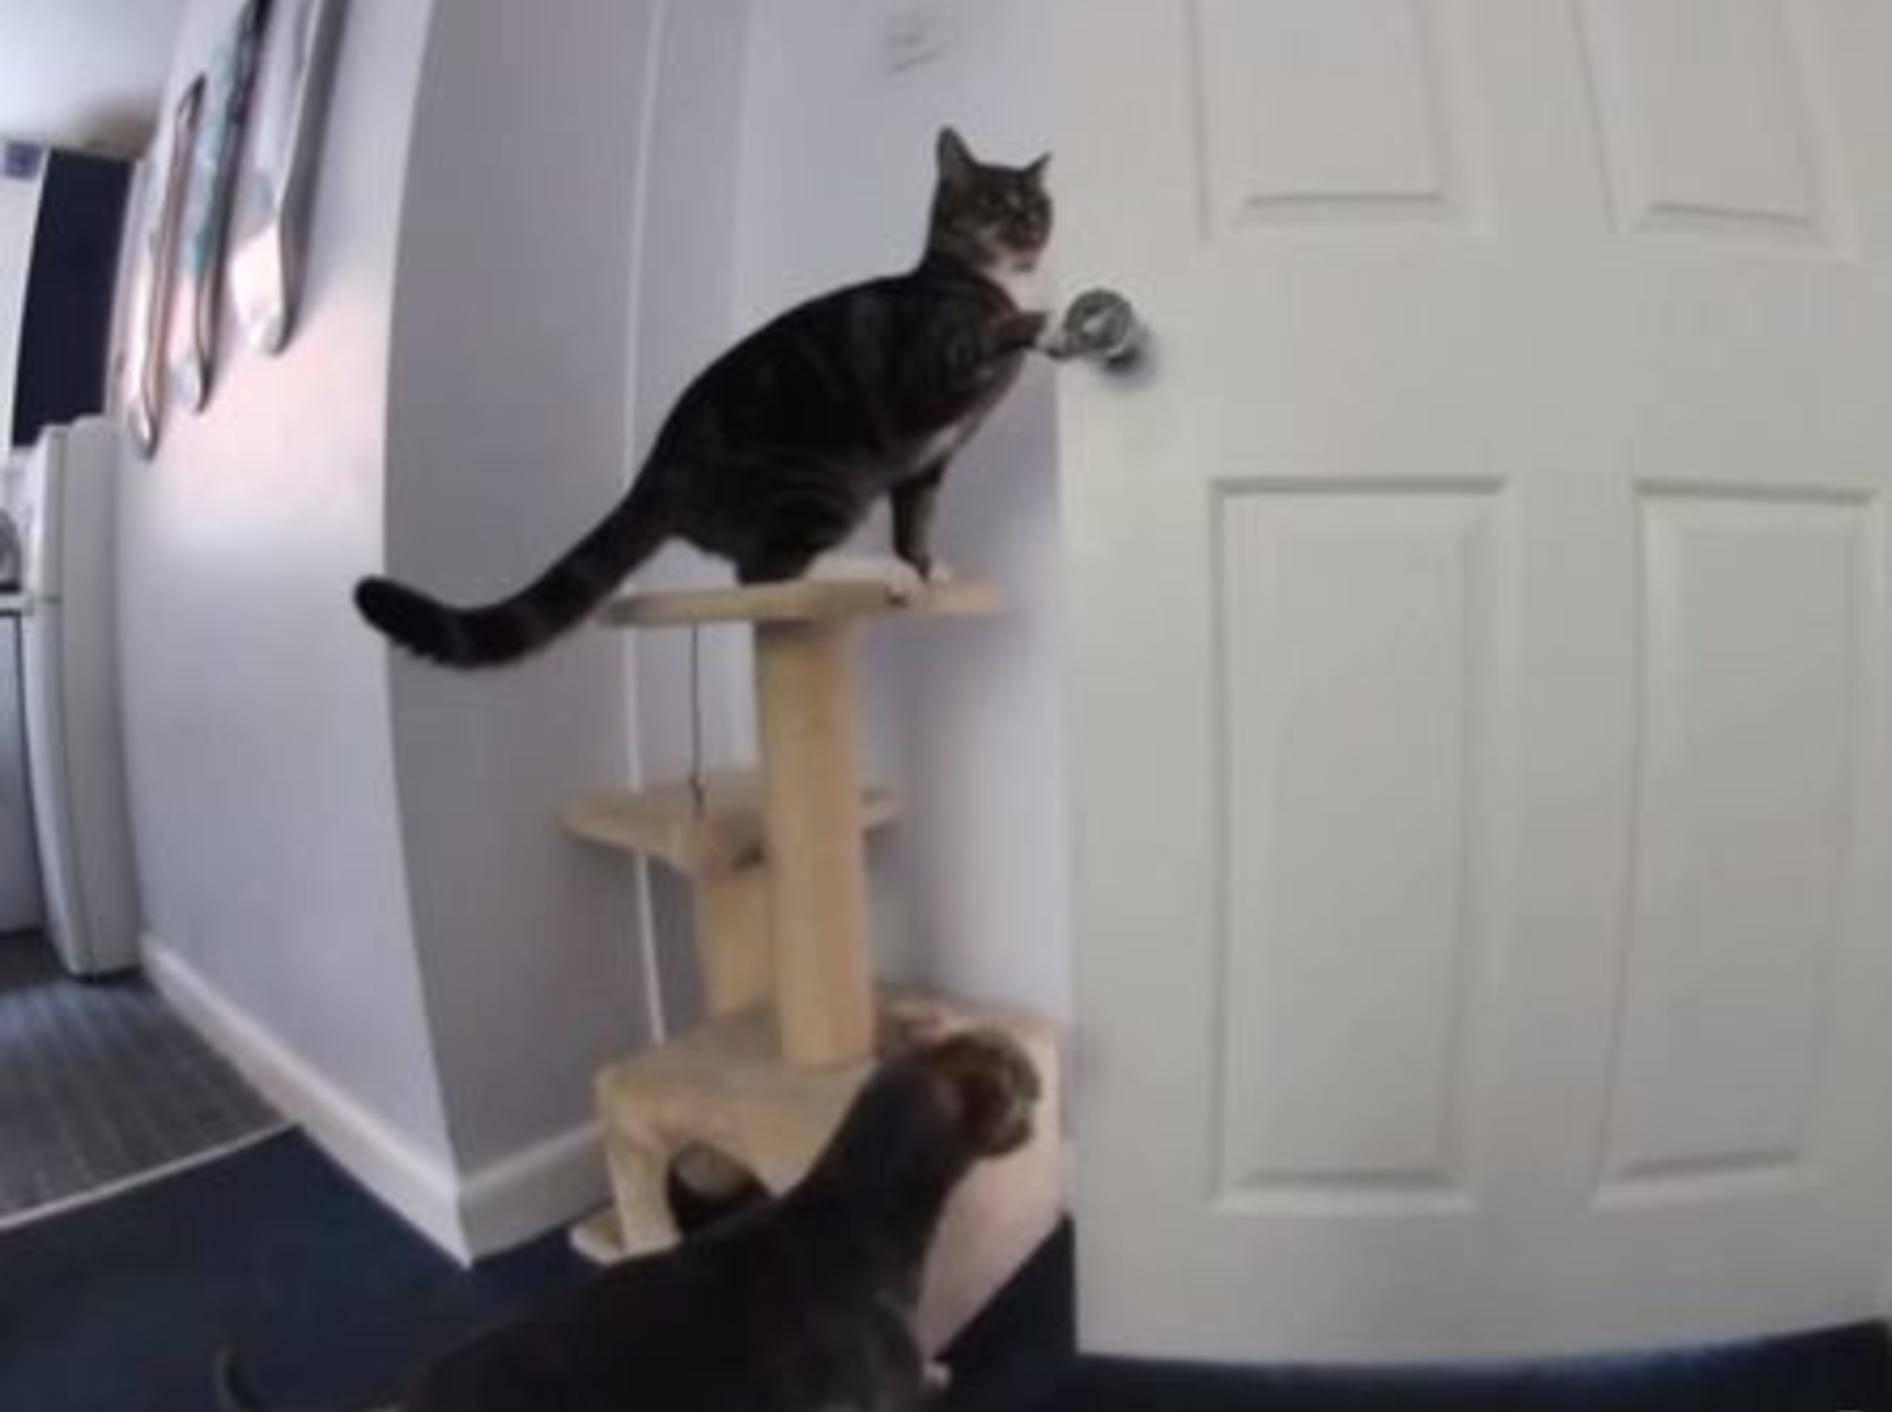 Teamwork: Katze und Hund öffnen die Küchentür - Bild: Youutube / MattHirst